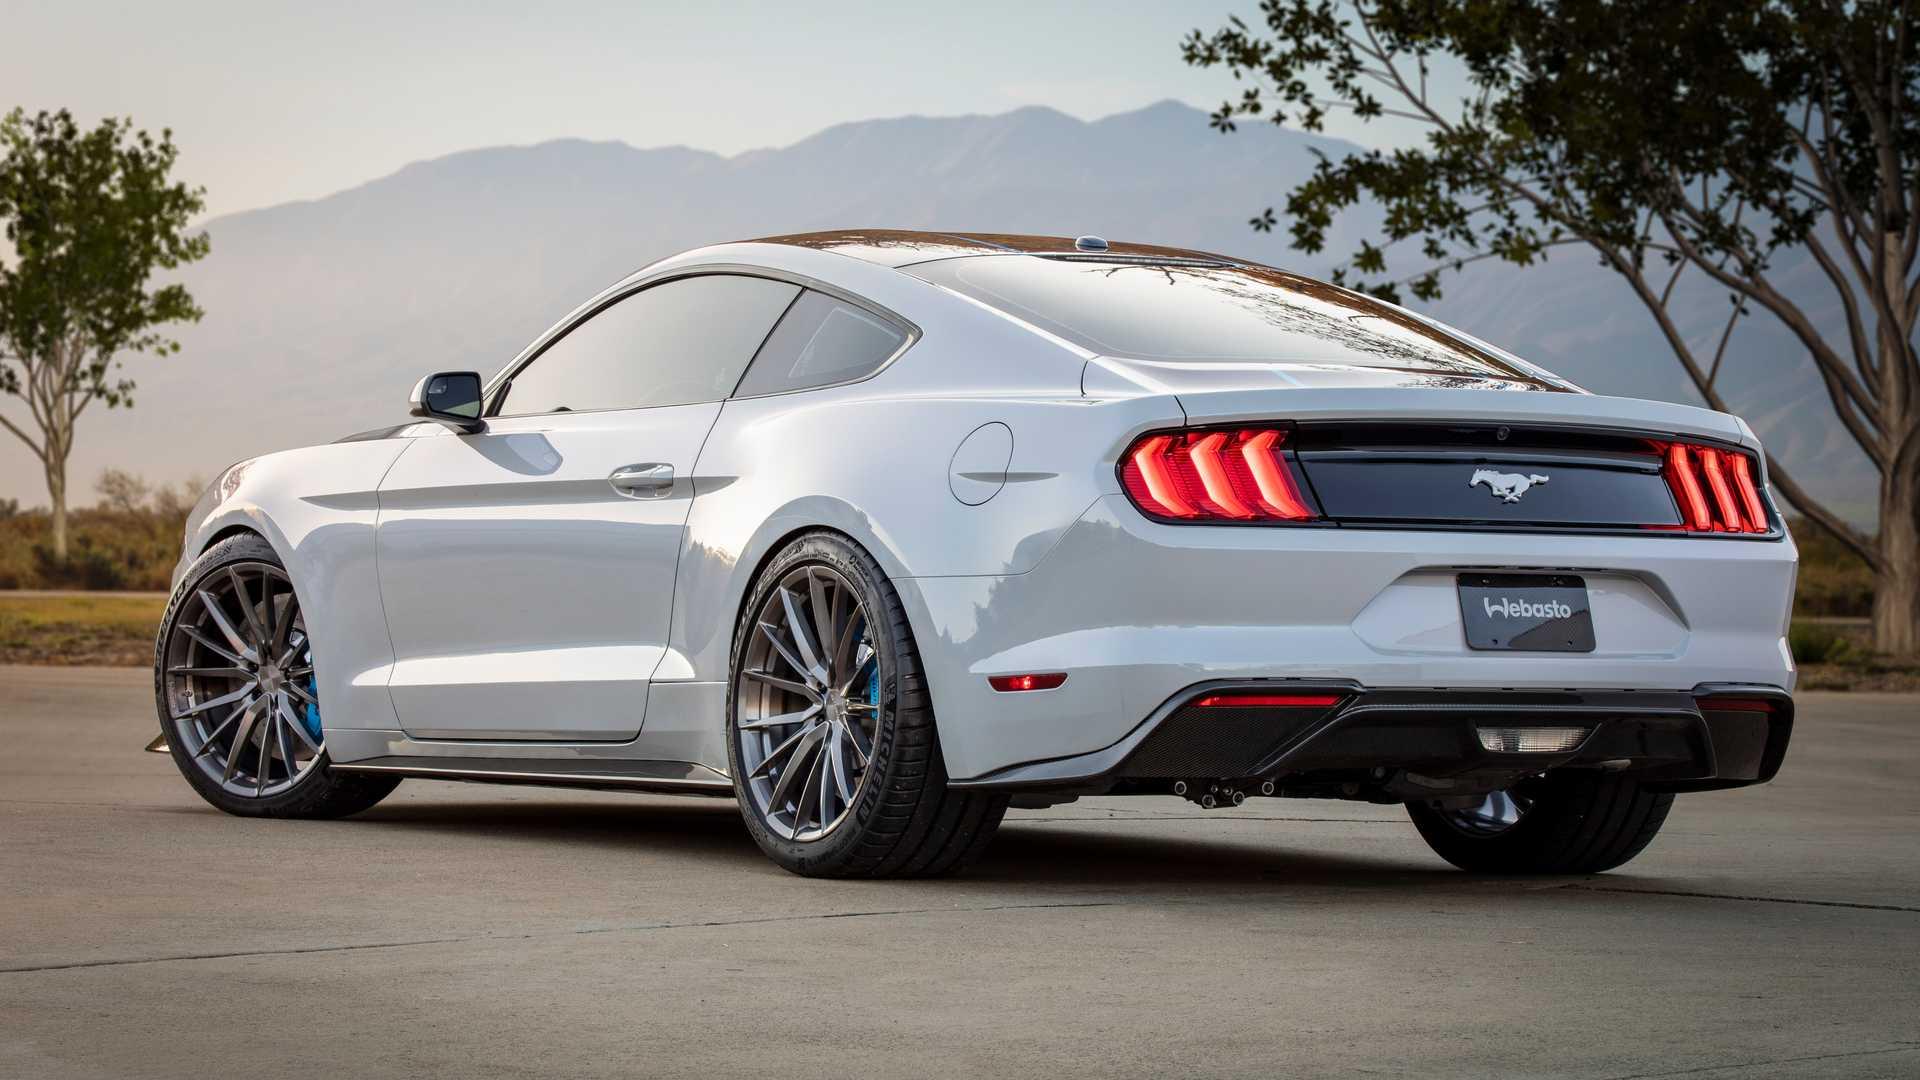 Ford Mustang превратили в 900-сильный электромобиль с «механикой» 2